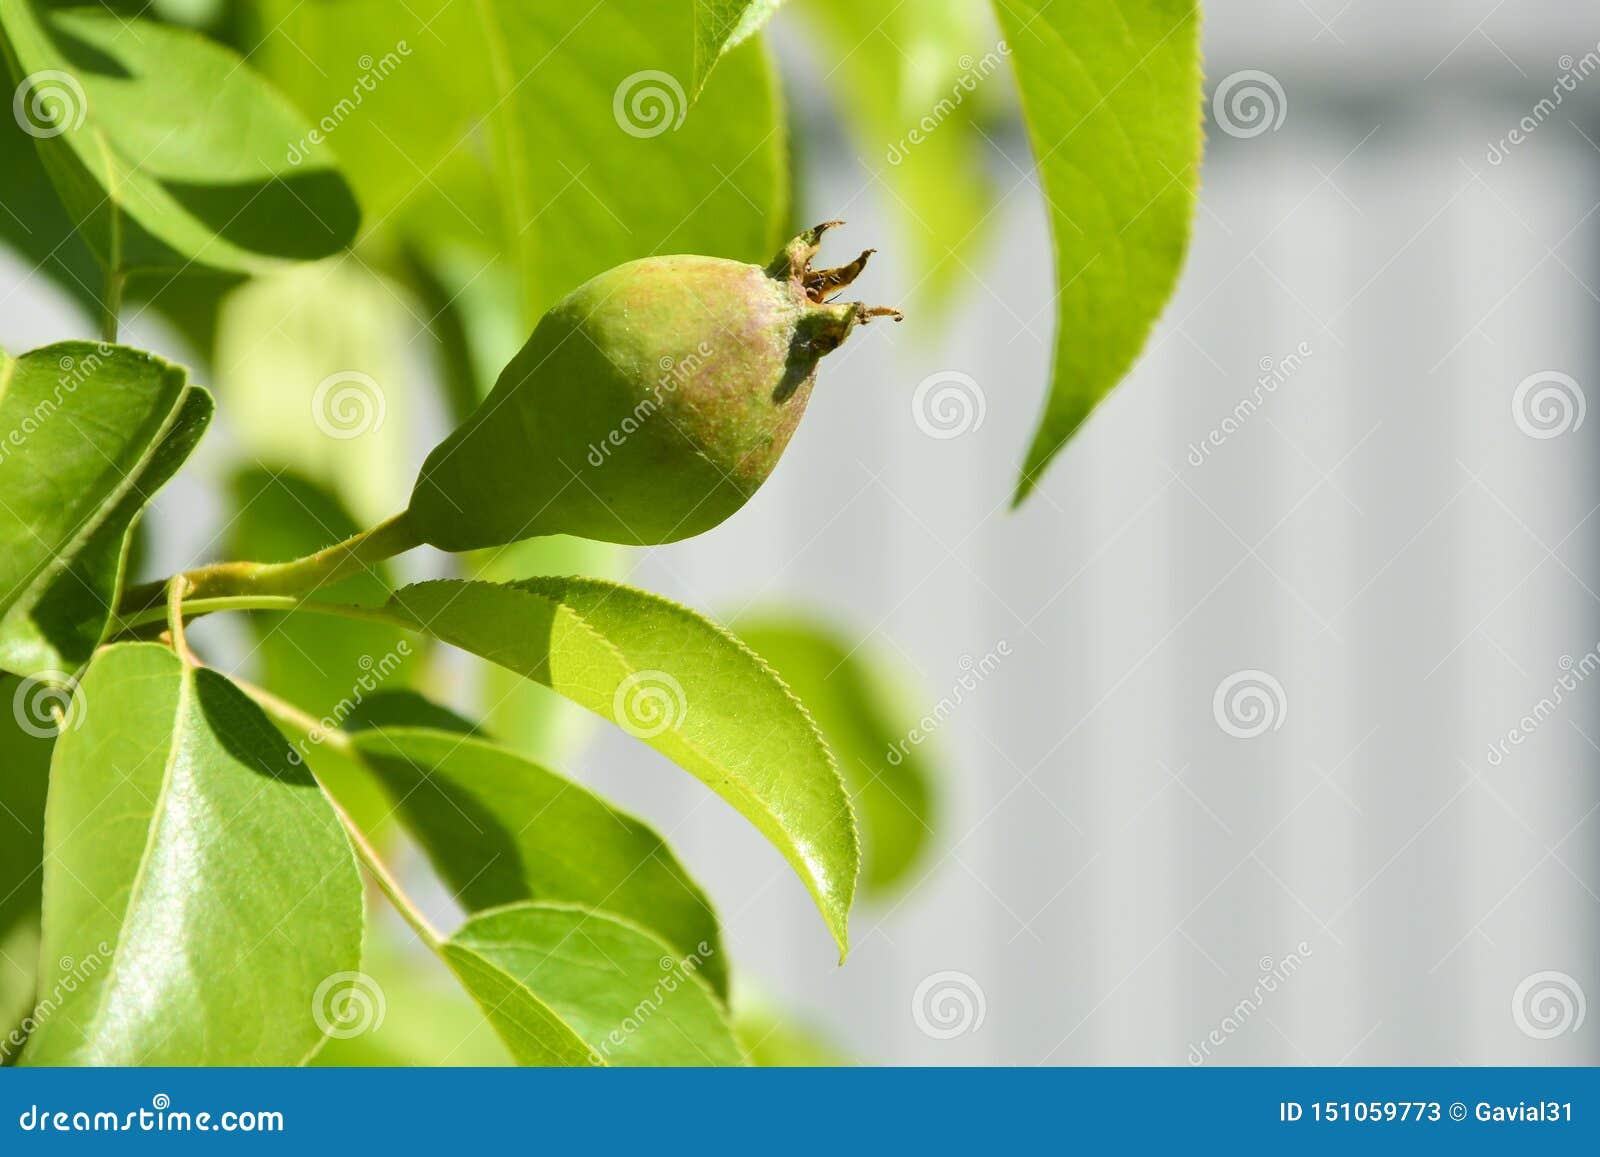 Pera joven Peras jovenes del papel pintado del jardín en una rama con las hojas verdes y el fondo borroso